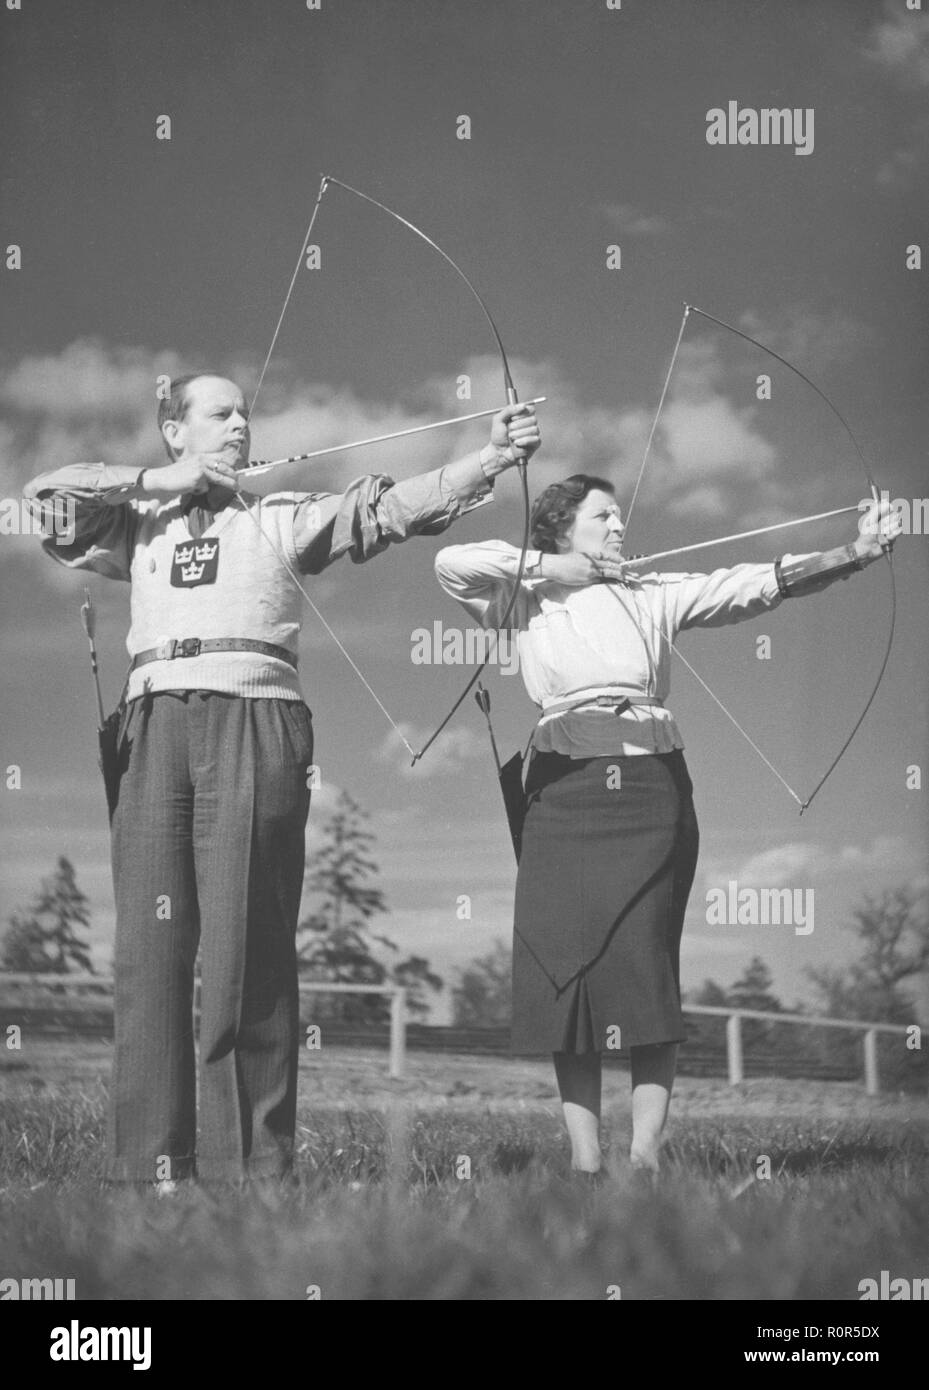 Bogenschützen in den 1940er Jahren. Henry Kjellson mit Frau Tina sind beide aktiv im Bogenschießen und ist hier zu sehen in einem Wettbewerb 1941 beteiligten. Stockbild